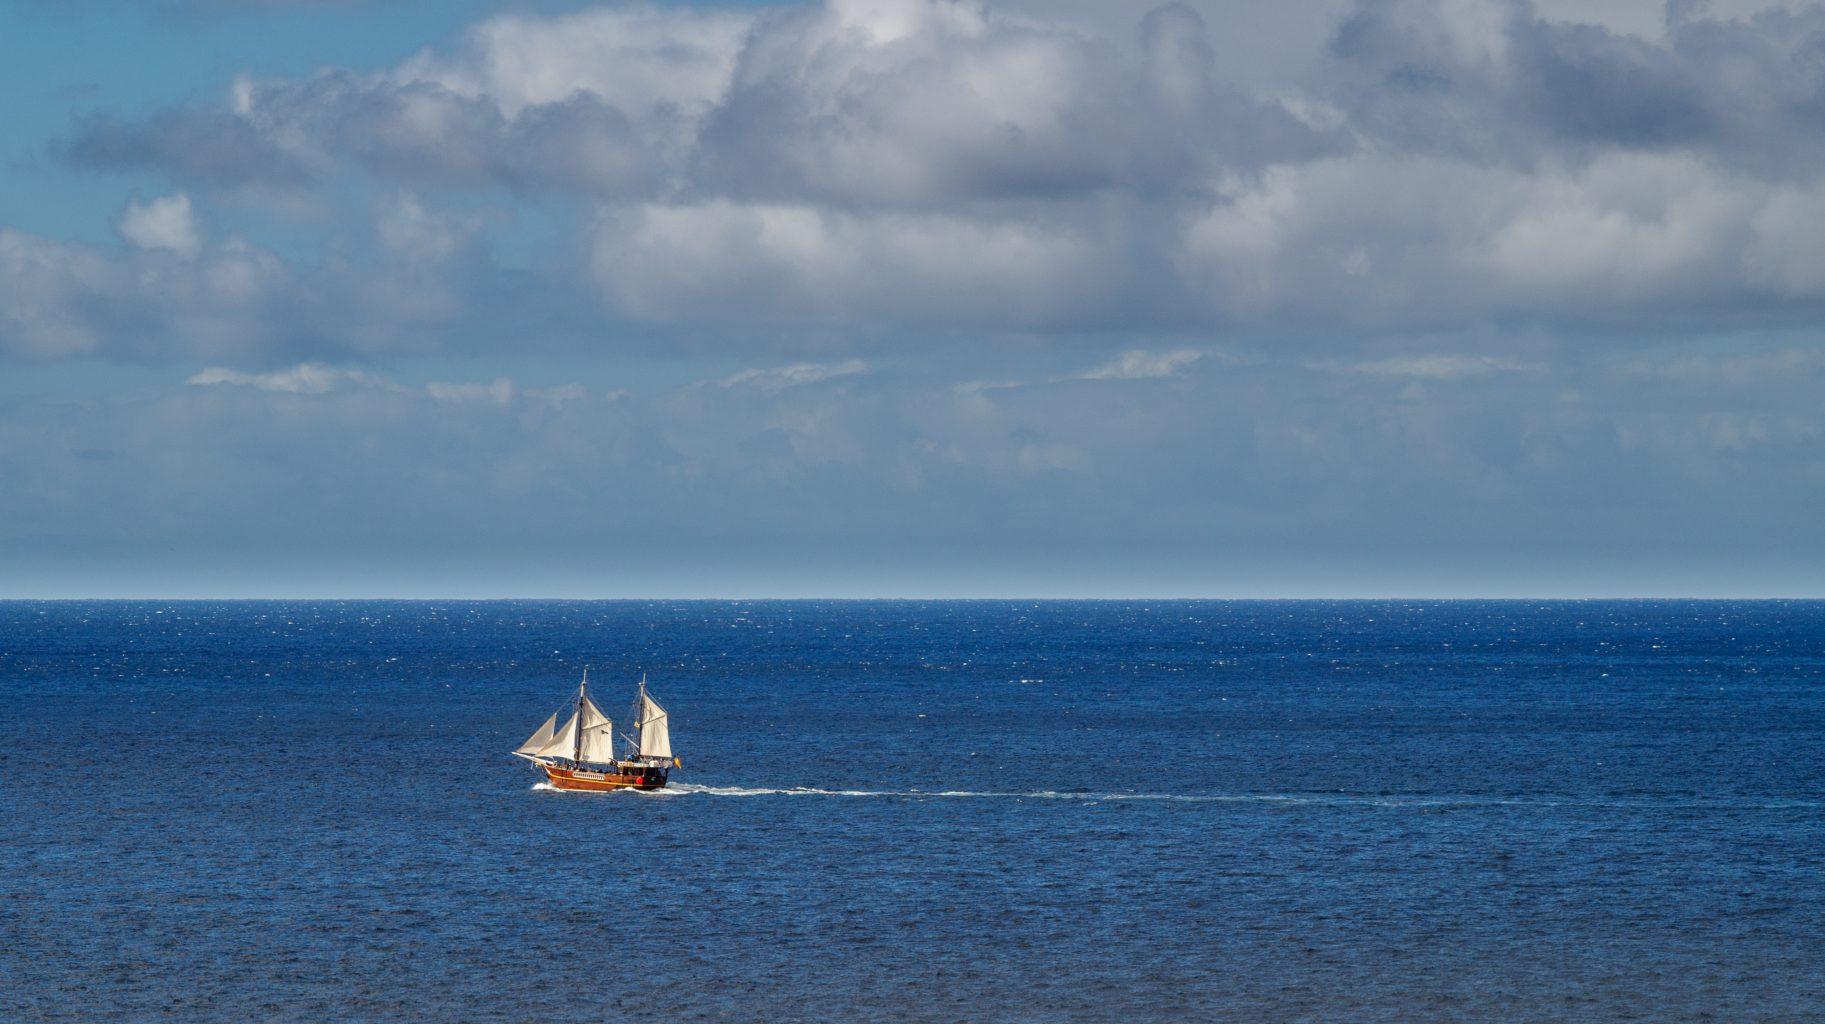 Pirate recreational sailing boat in Atlantic ocean near Tenerife